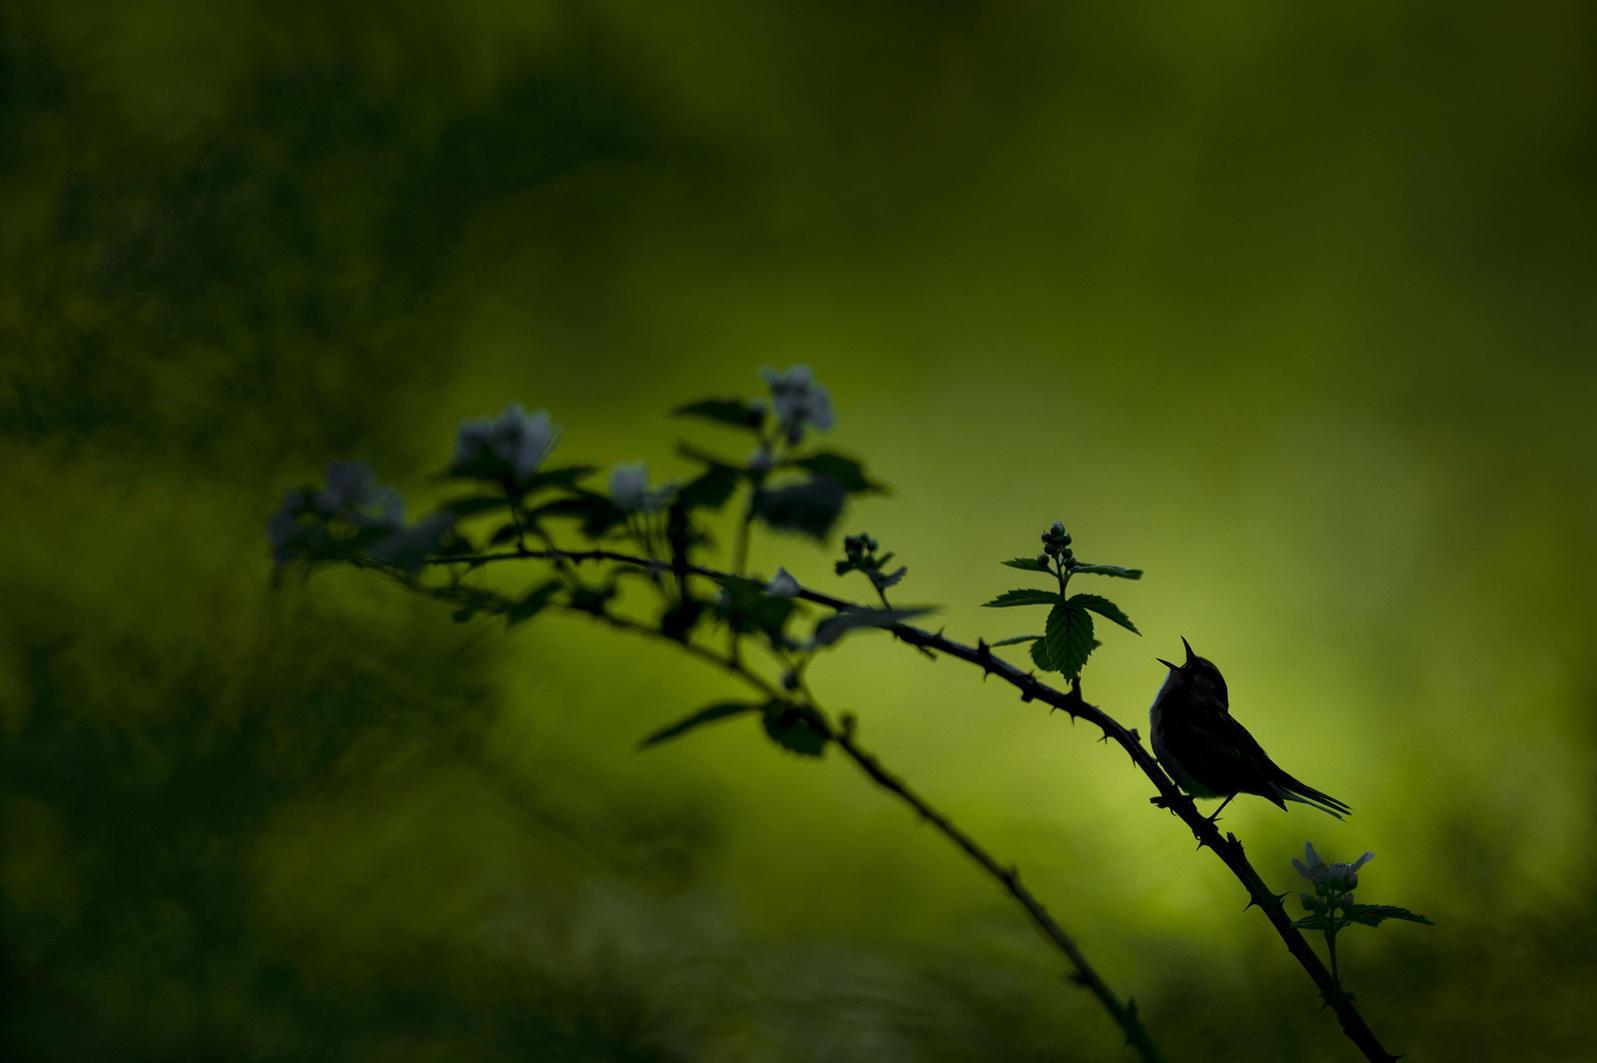 Chipe Flancos Castaños, como la ave en este foto, van a confronte muchas amenazas al sobrevivencia—desde el analisis de Audubon—incluso las olas de calor, las lluvias extremas, y el aumento del nivel del mar. Foto: Raymond Hennessy/Adobe Stock